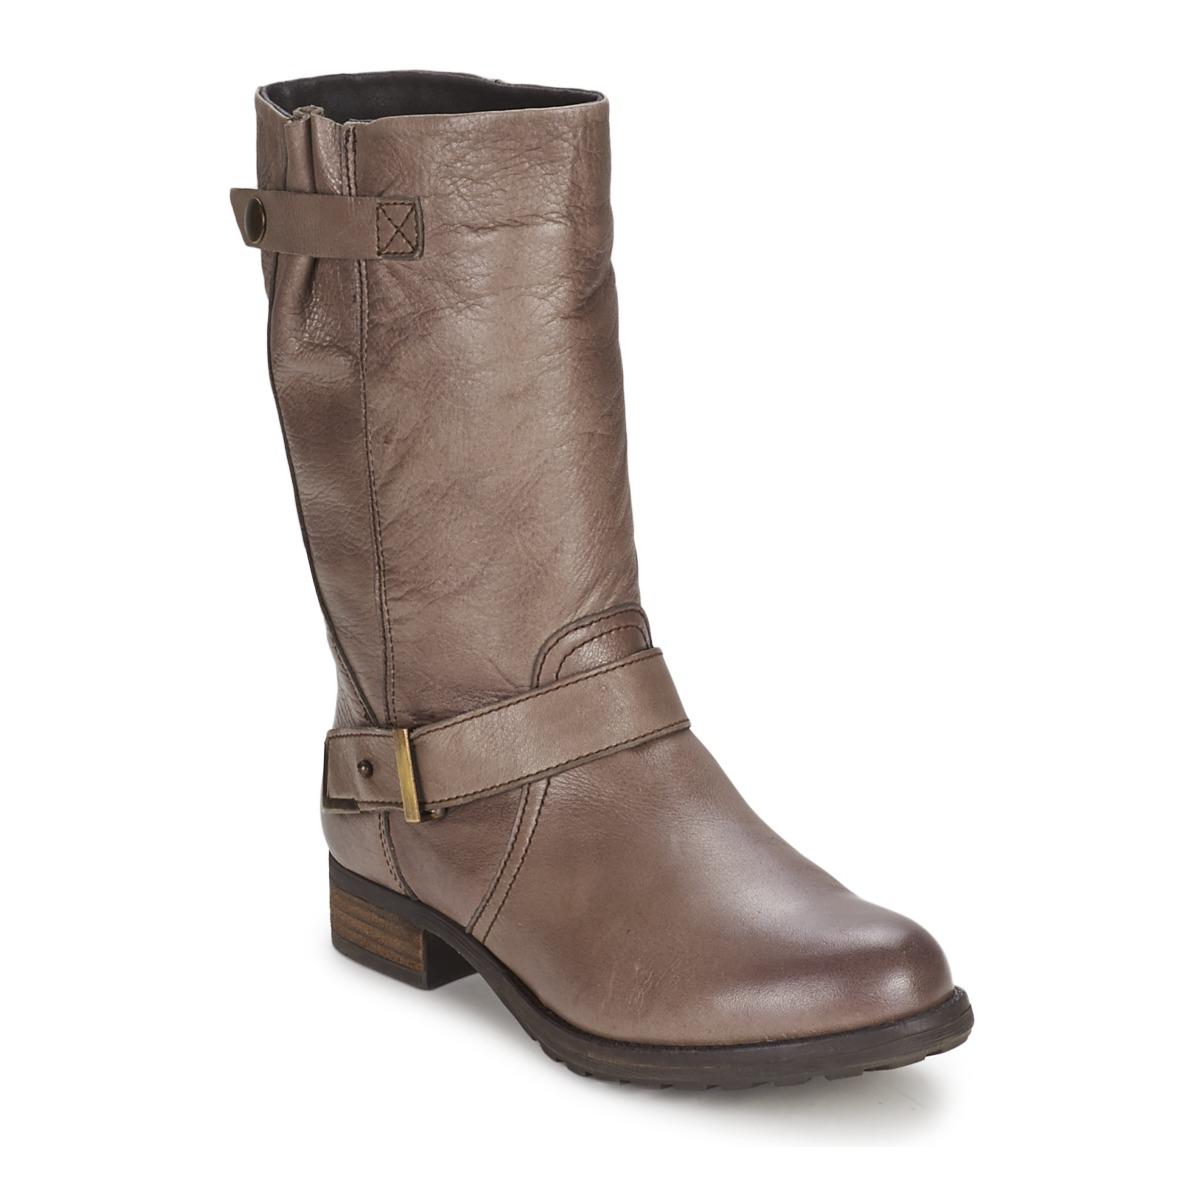 Gioseppo FREIRE Maulwurf - Kostenloser Versand bei Spartoode ! - Schuhe Klassische Stiefel Damen 60,00 €